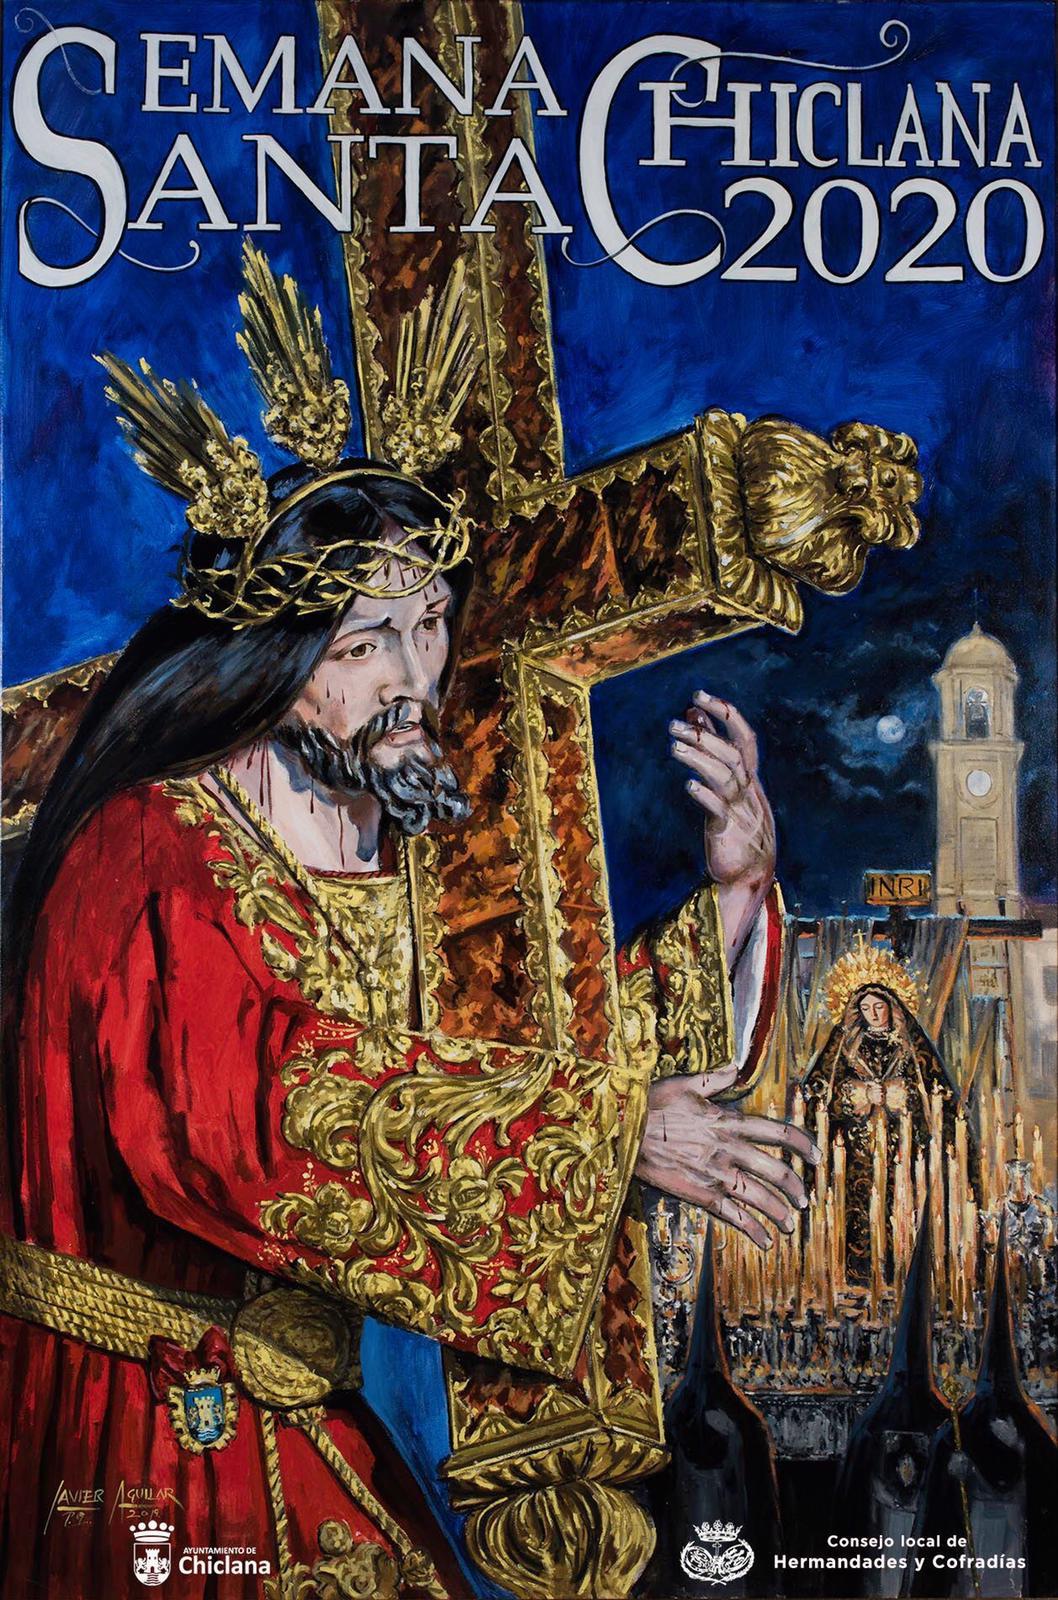 La Semana Santa se anuncia en cartel (II)